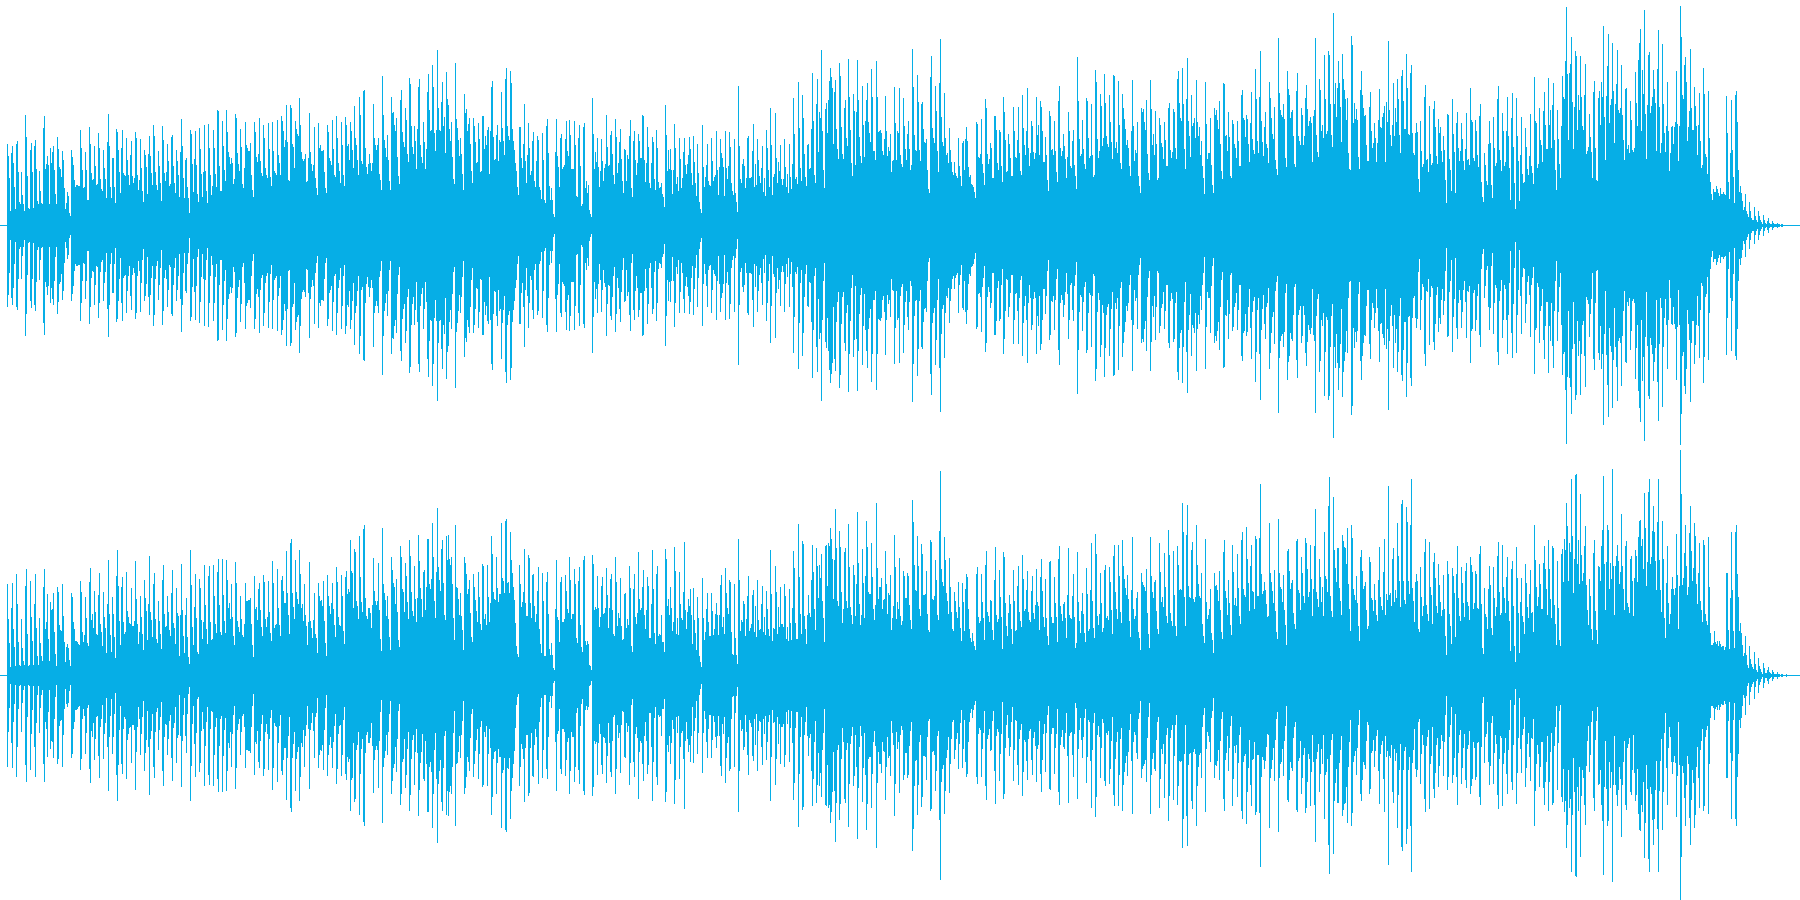 リズミカルで楽しいクリスマスBGMの再生済みの波形